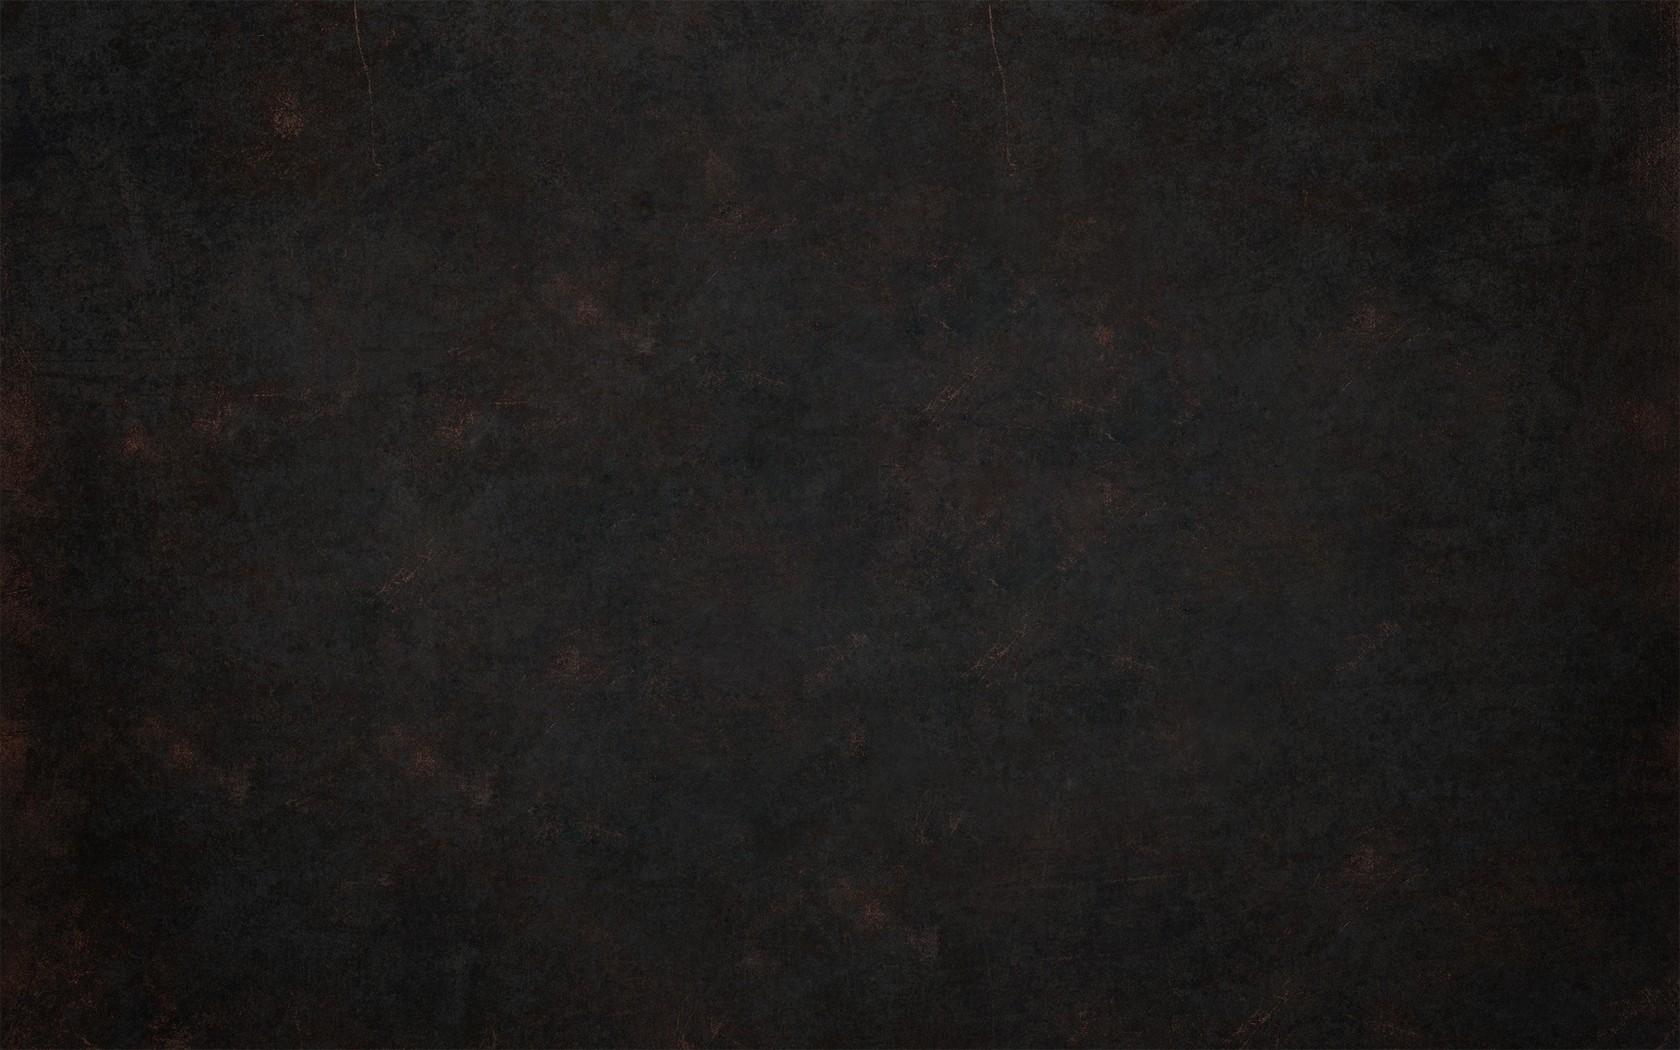 Pavimento nero texture marmo nero biologico priorità bassa della